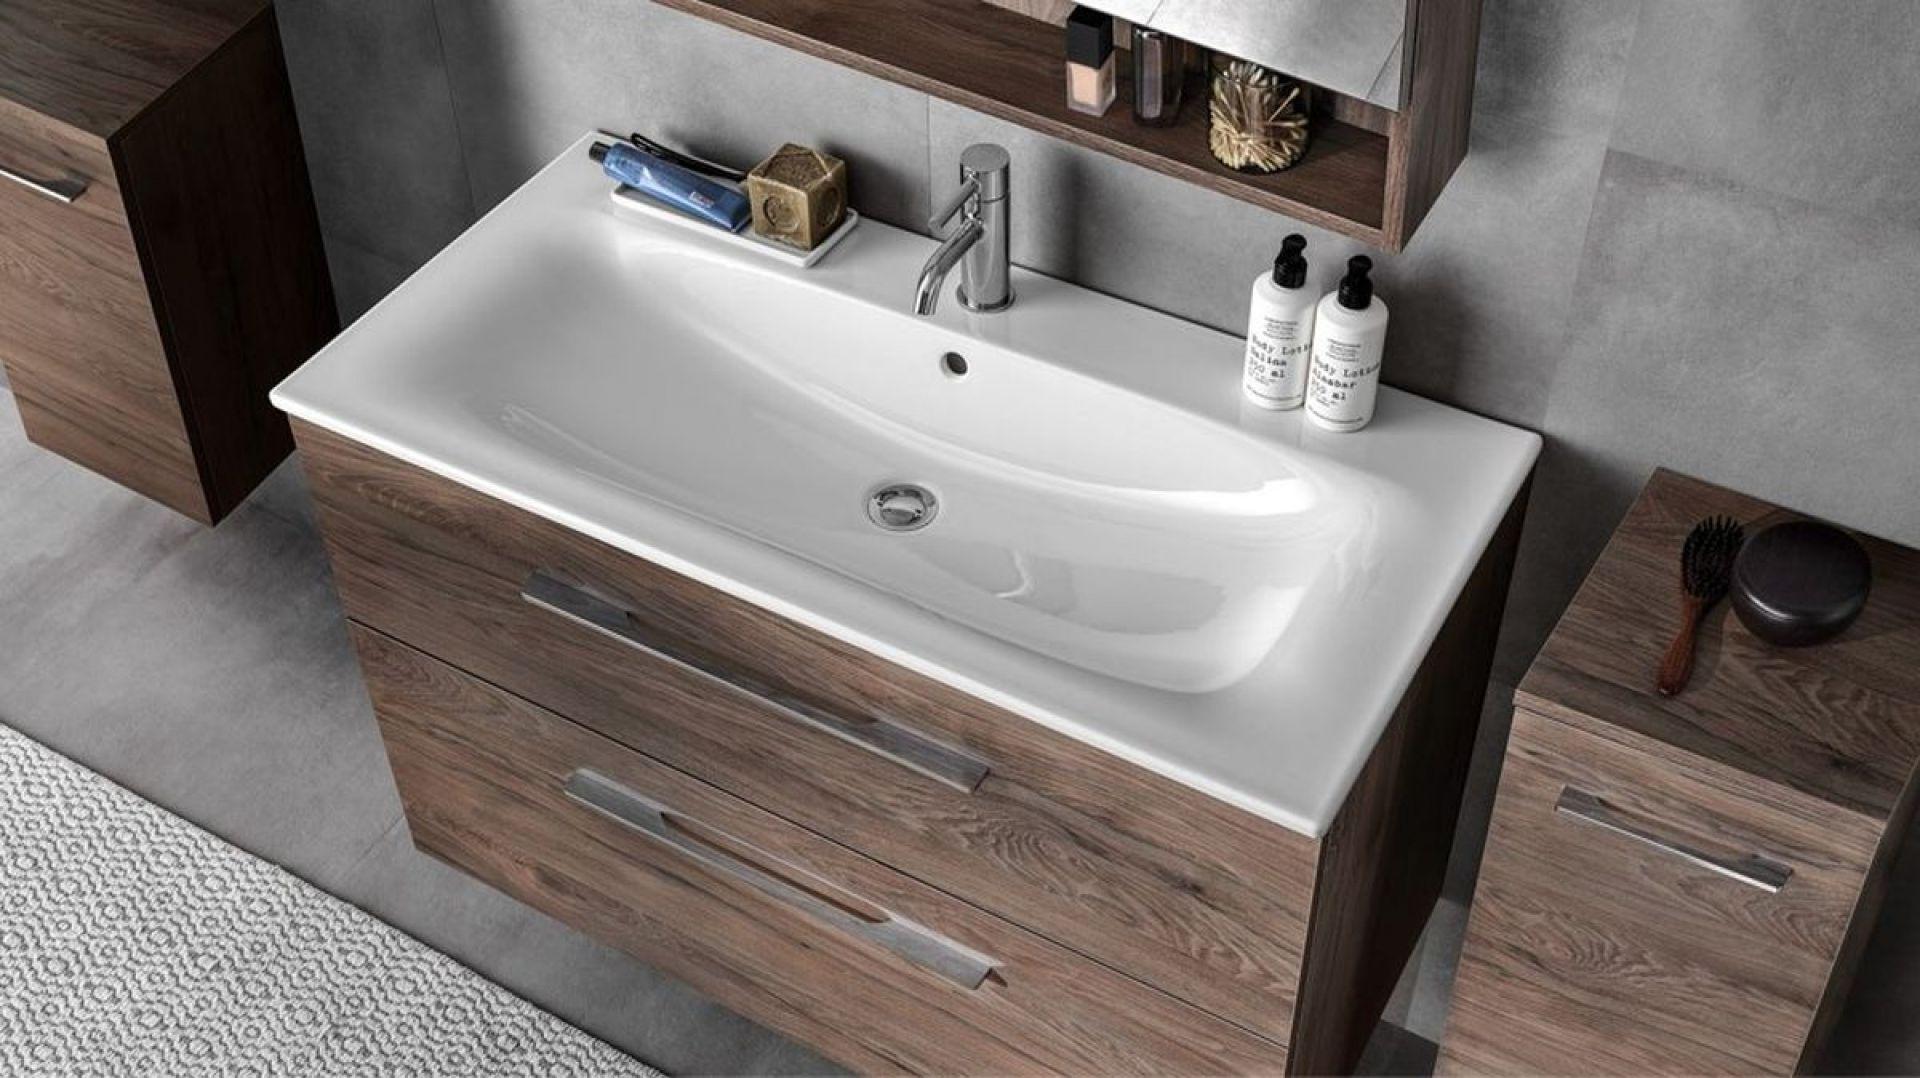 Umywalka meblowa Koło Nova Pro Premium jest dobrym wyborem dla osób, które preferują wnętrza bazujące na klasycznym i nowoczesnym wzornictwie. Fot. Geberit